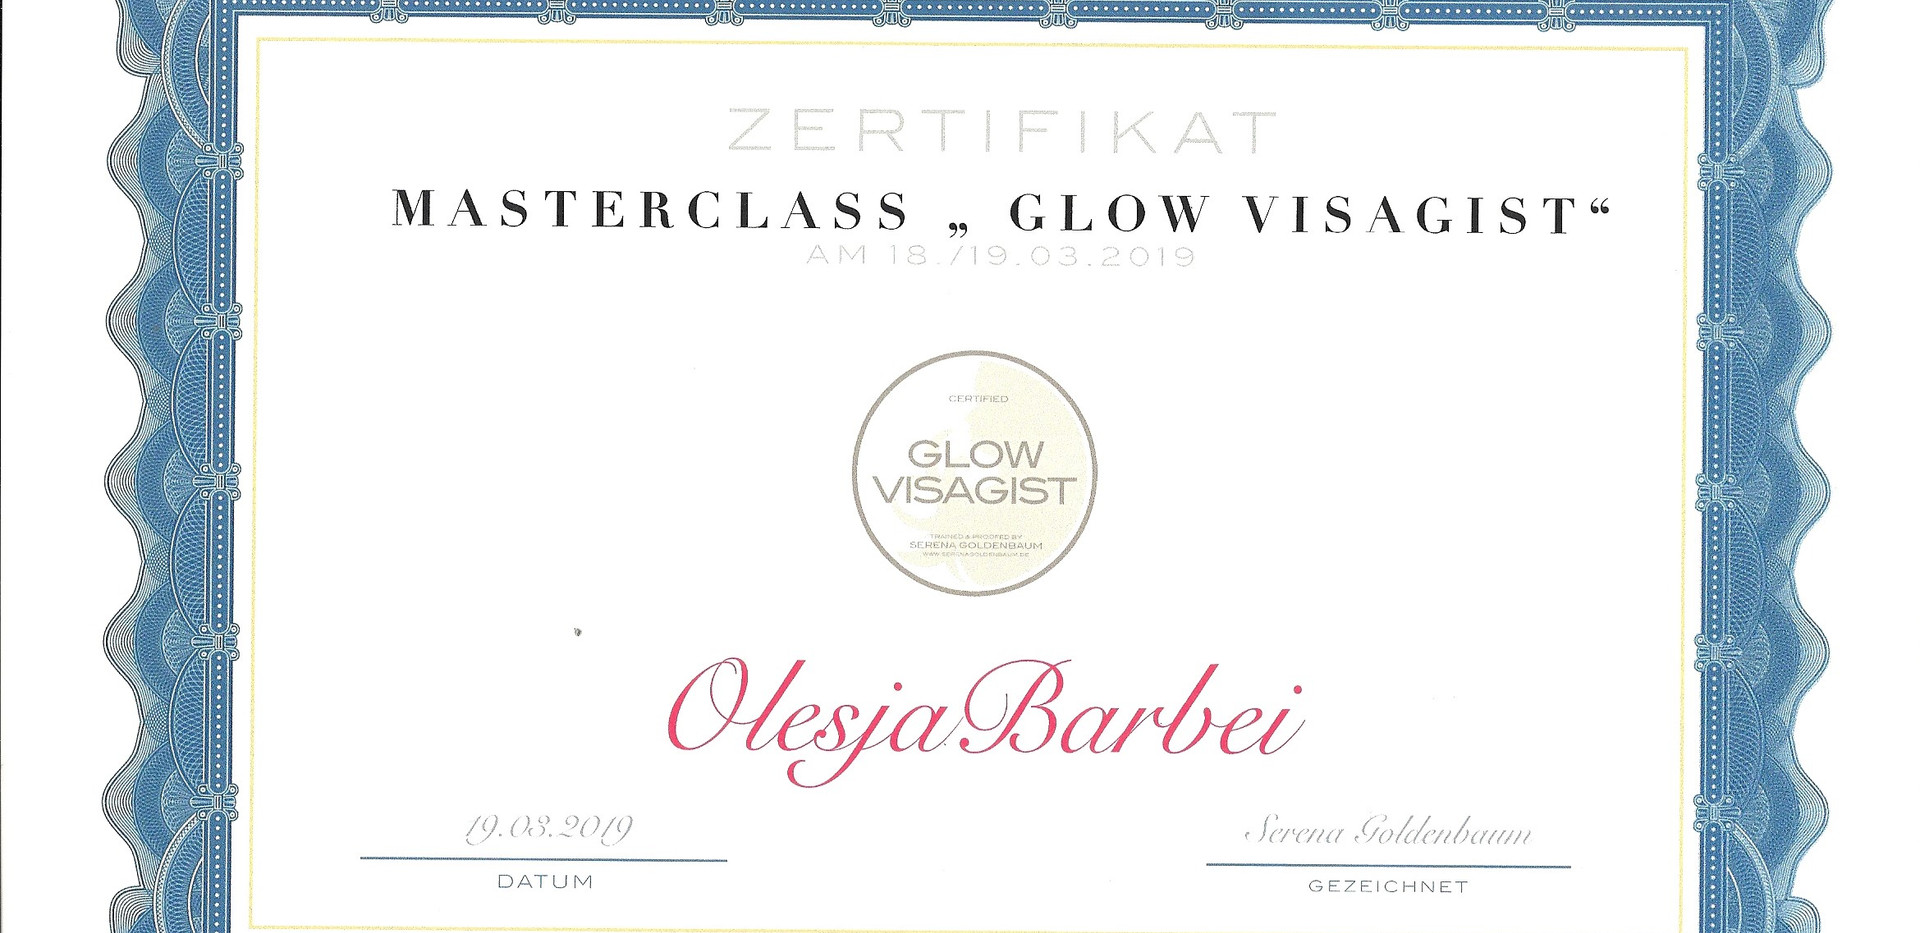 Zertifikat von Serena Goldenbaum